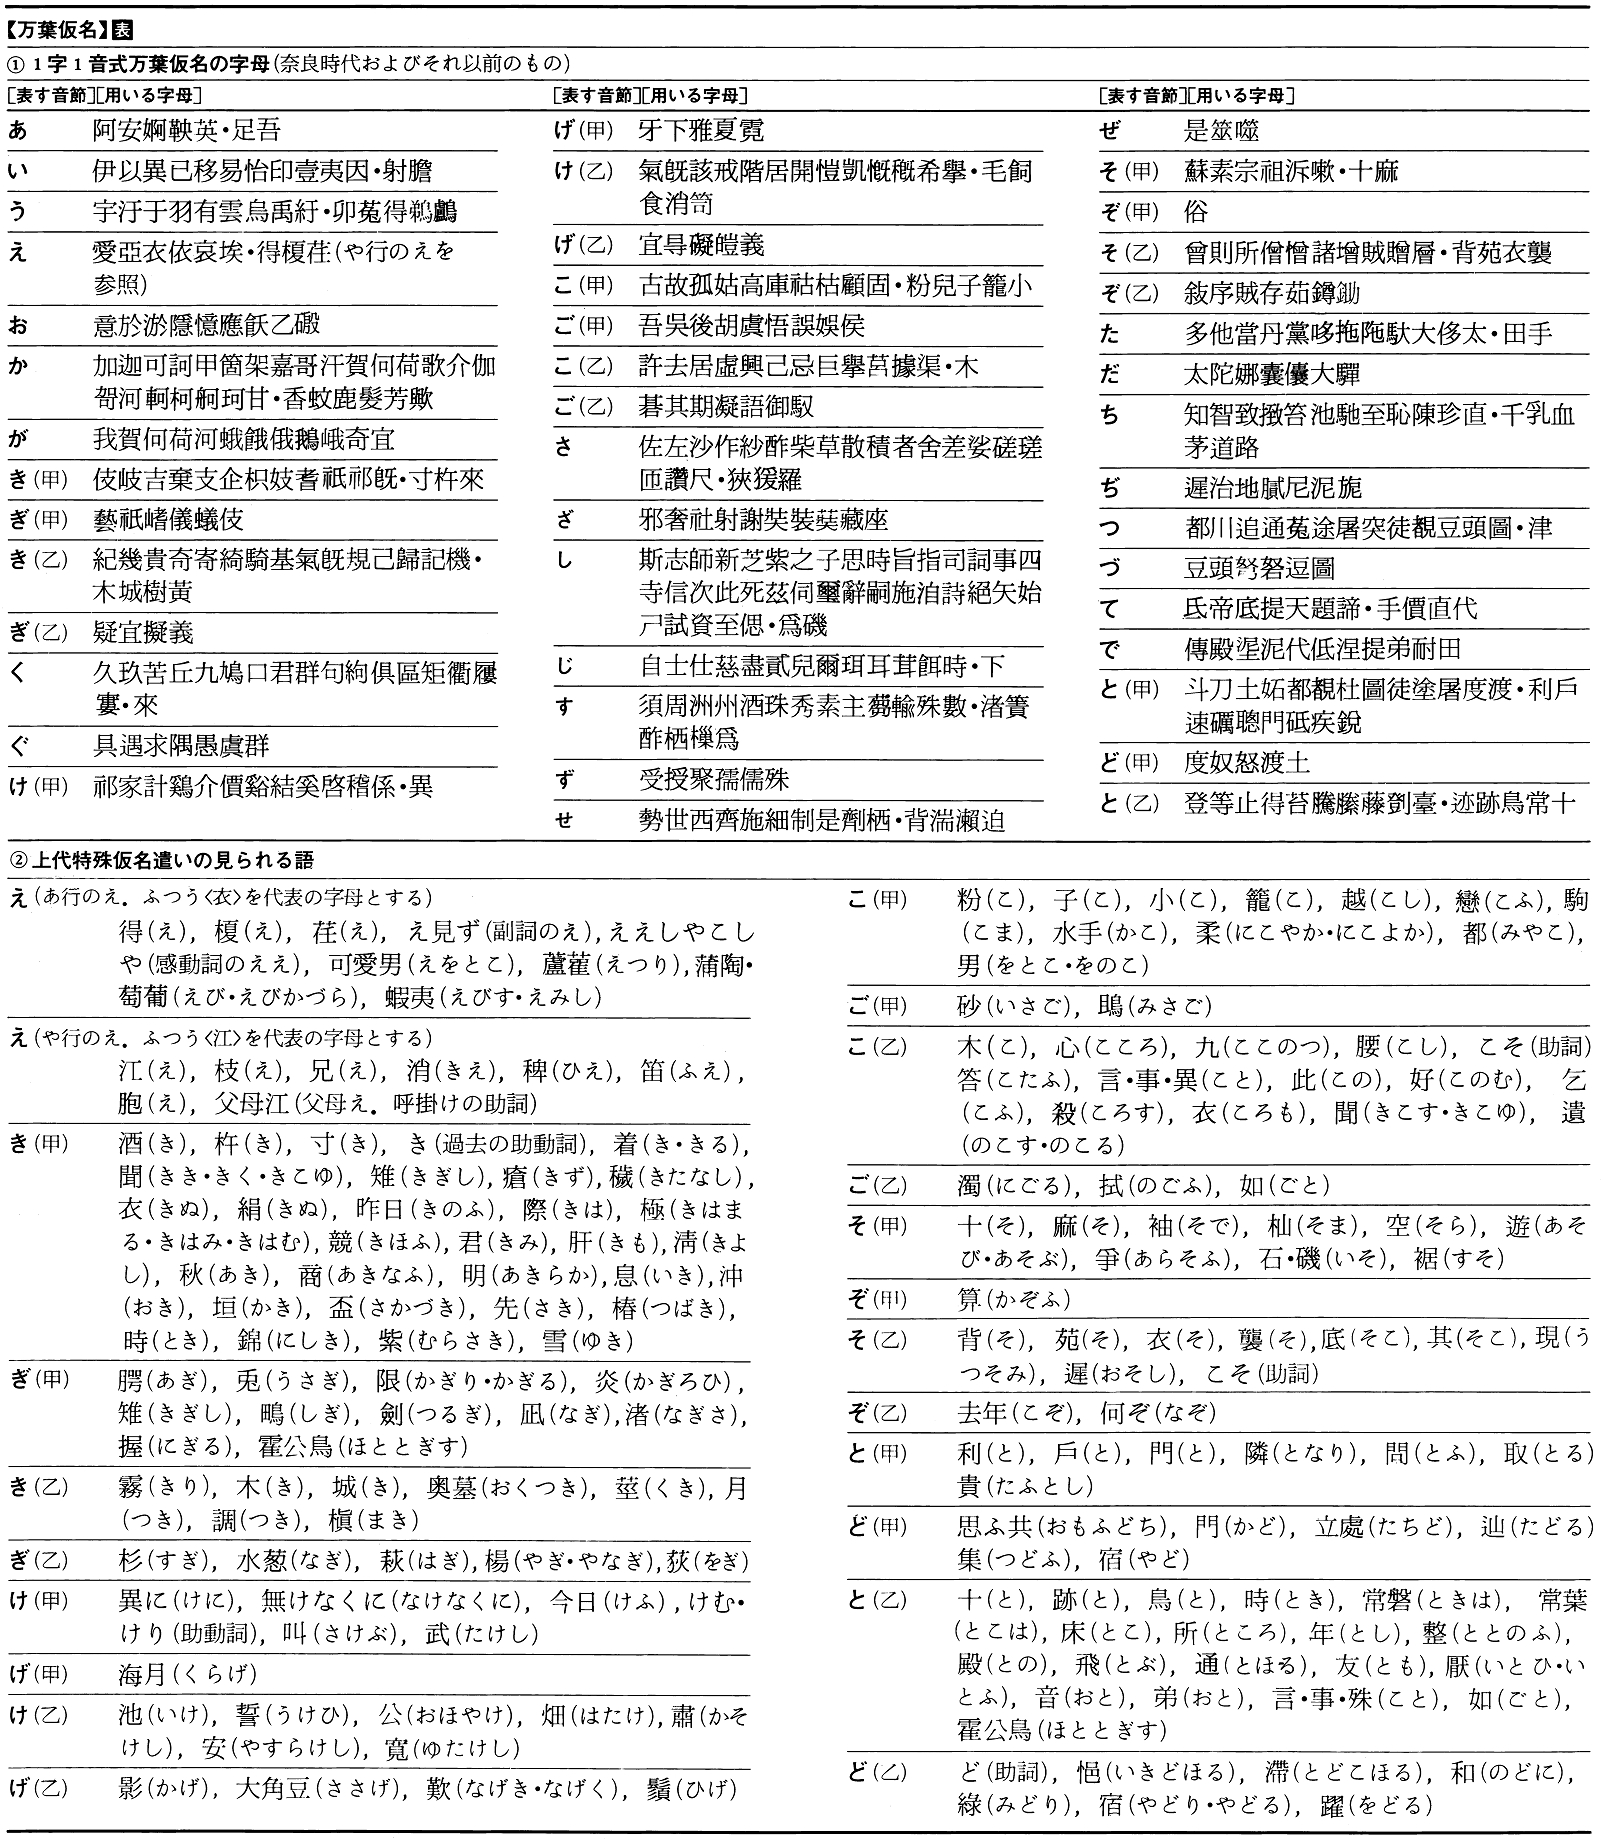 万葉仮名 国史大辞典・日本国語大辞典・日本大百科全書・世界大百科事典